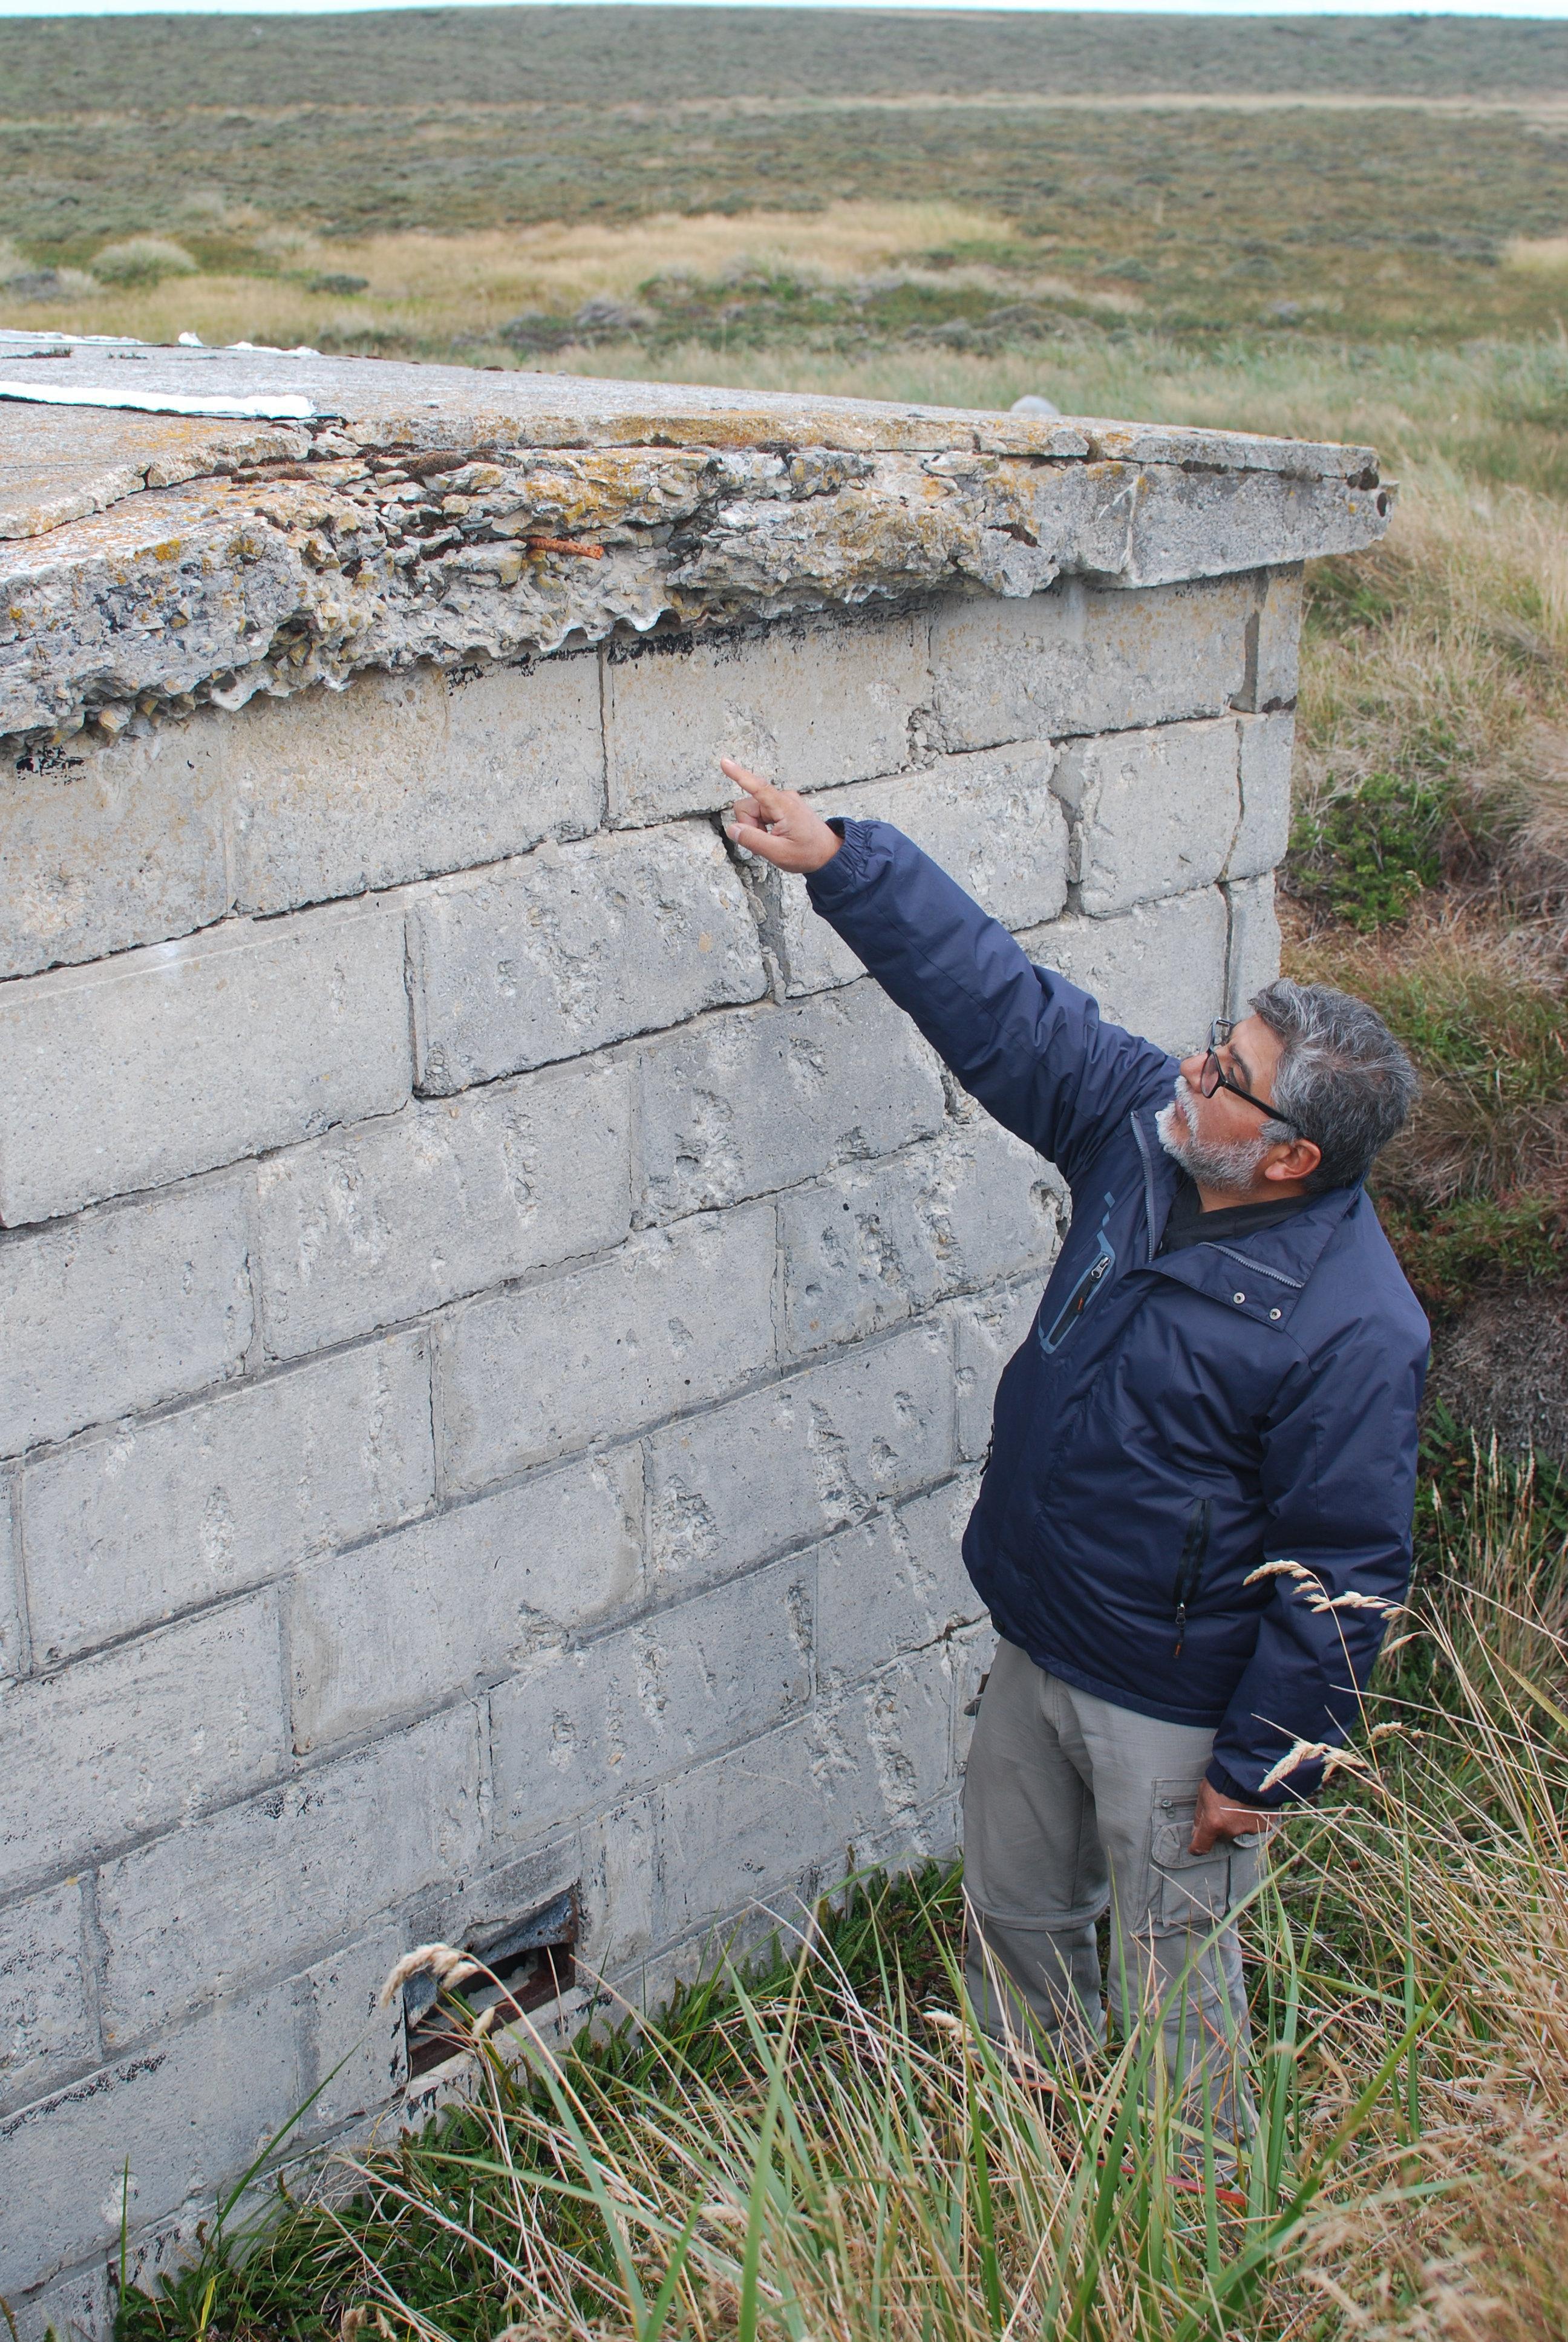 El excombatiente Armando González muestra daños de un proyectil en un refugio donde permaneció algunos días durante la Guerra de Malvinas